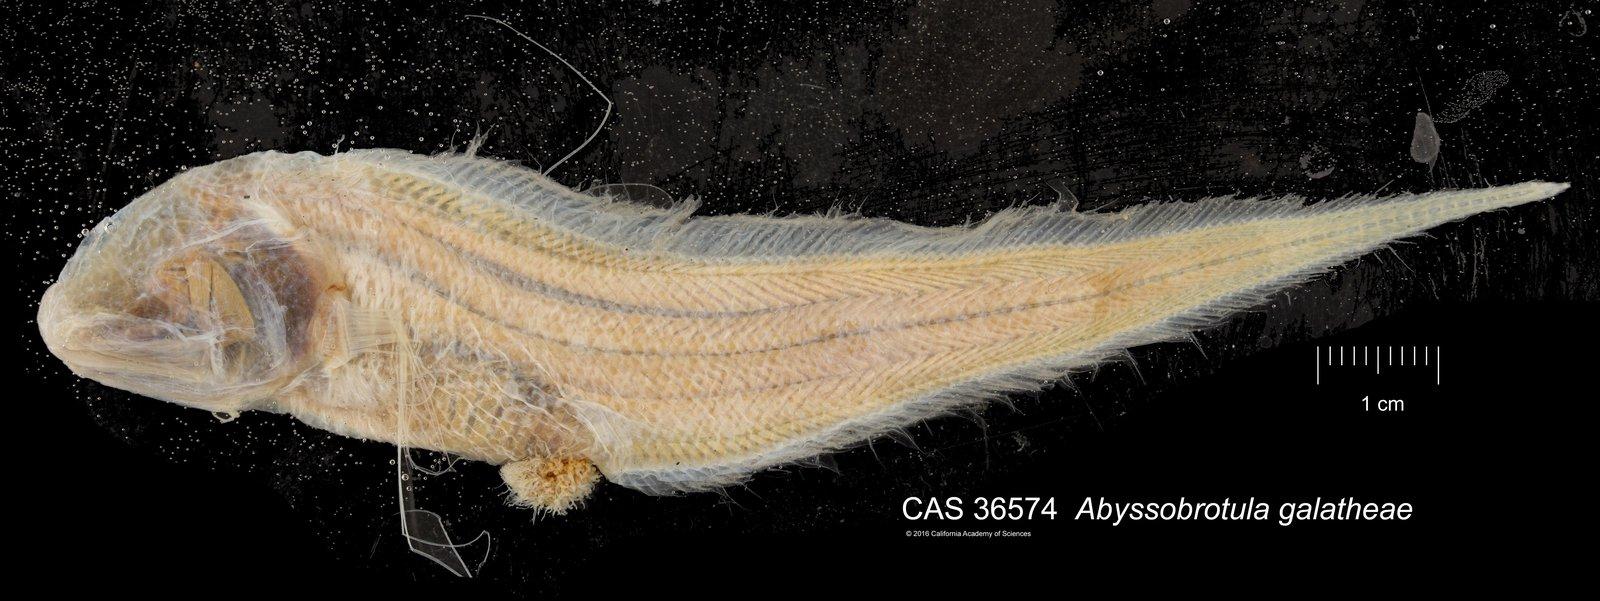 <i>Abyssobrotula galatheae</i>